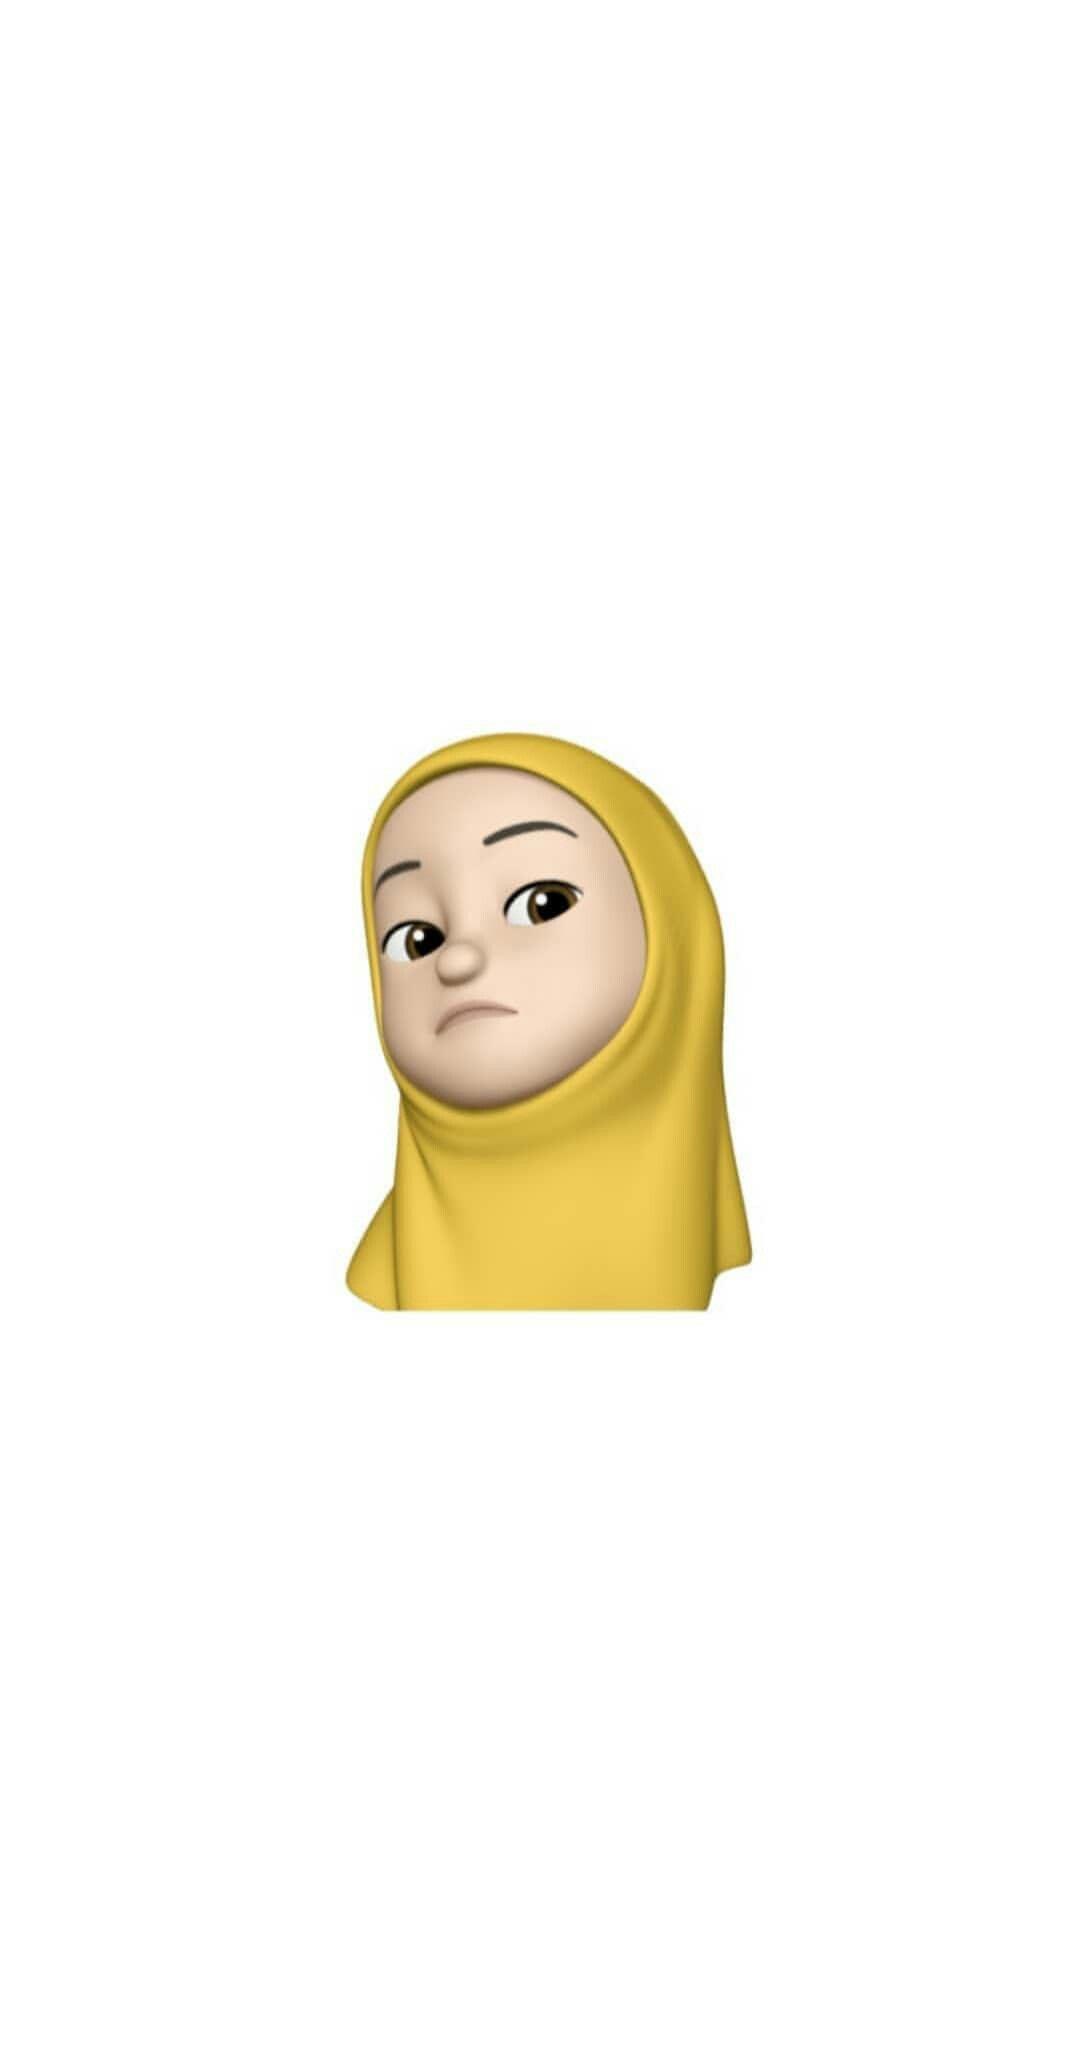 Emoji Animoji Emoji Iphone Hijab Cartoon Wallpaper Novocom Top